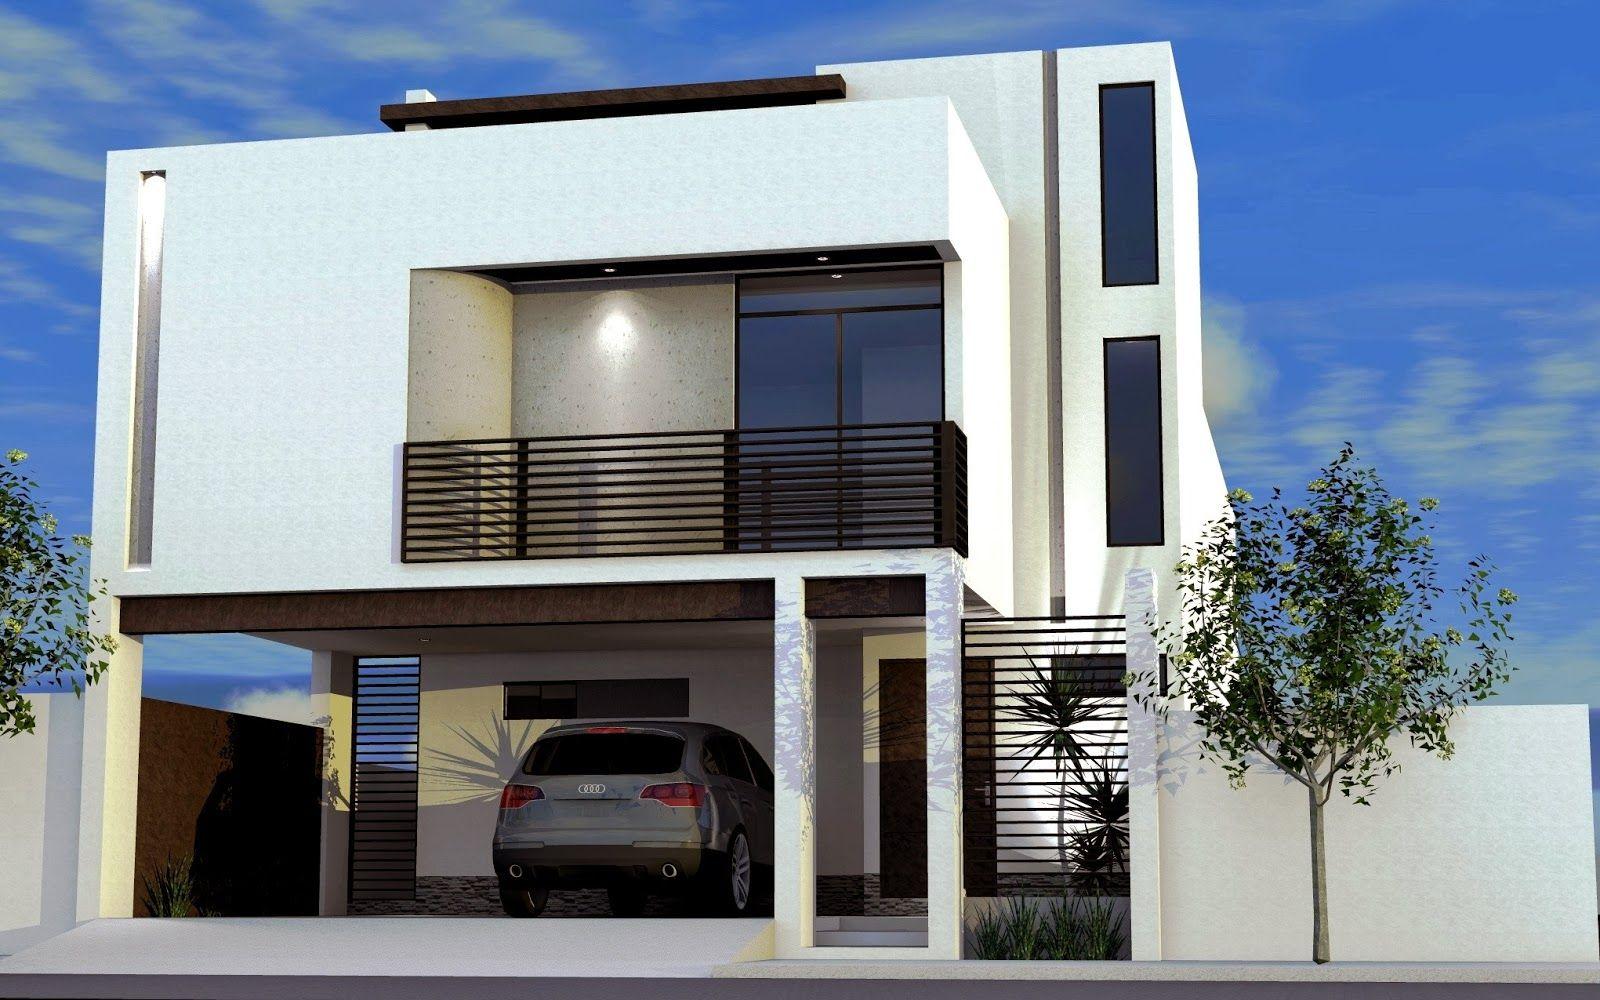 Modelos de balcones para casas modernas buscar con for Modelos de frentes de casas